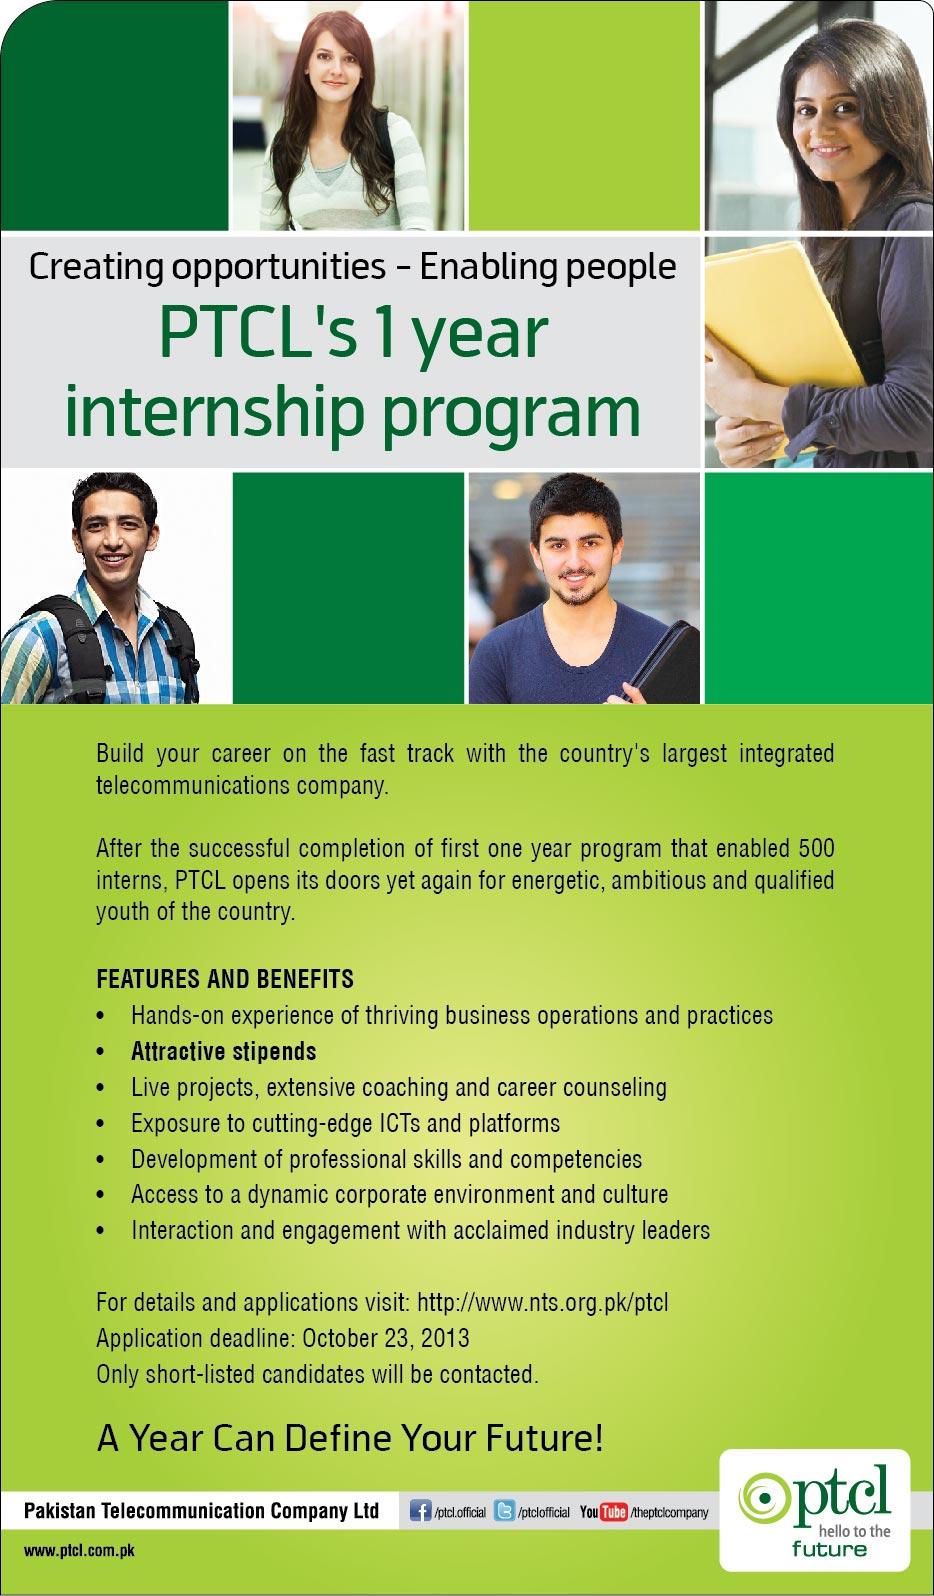 Jobs in PTCL 1 Year Internship Program 2013